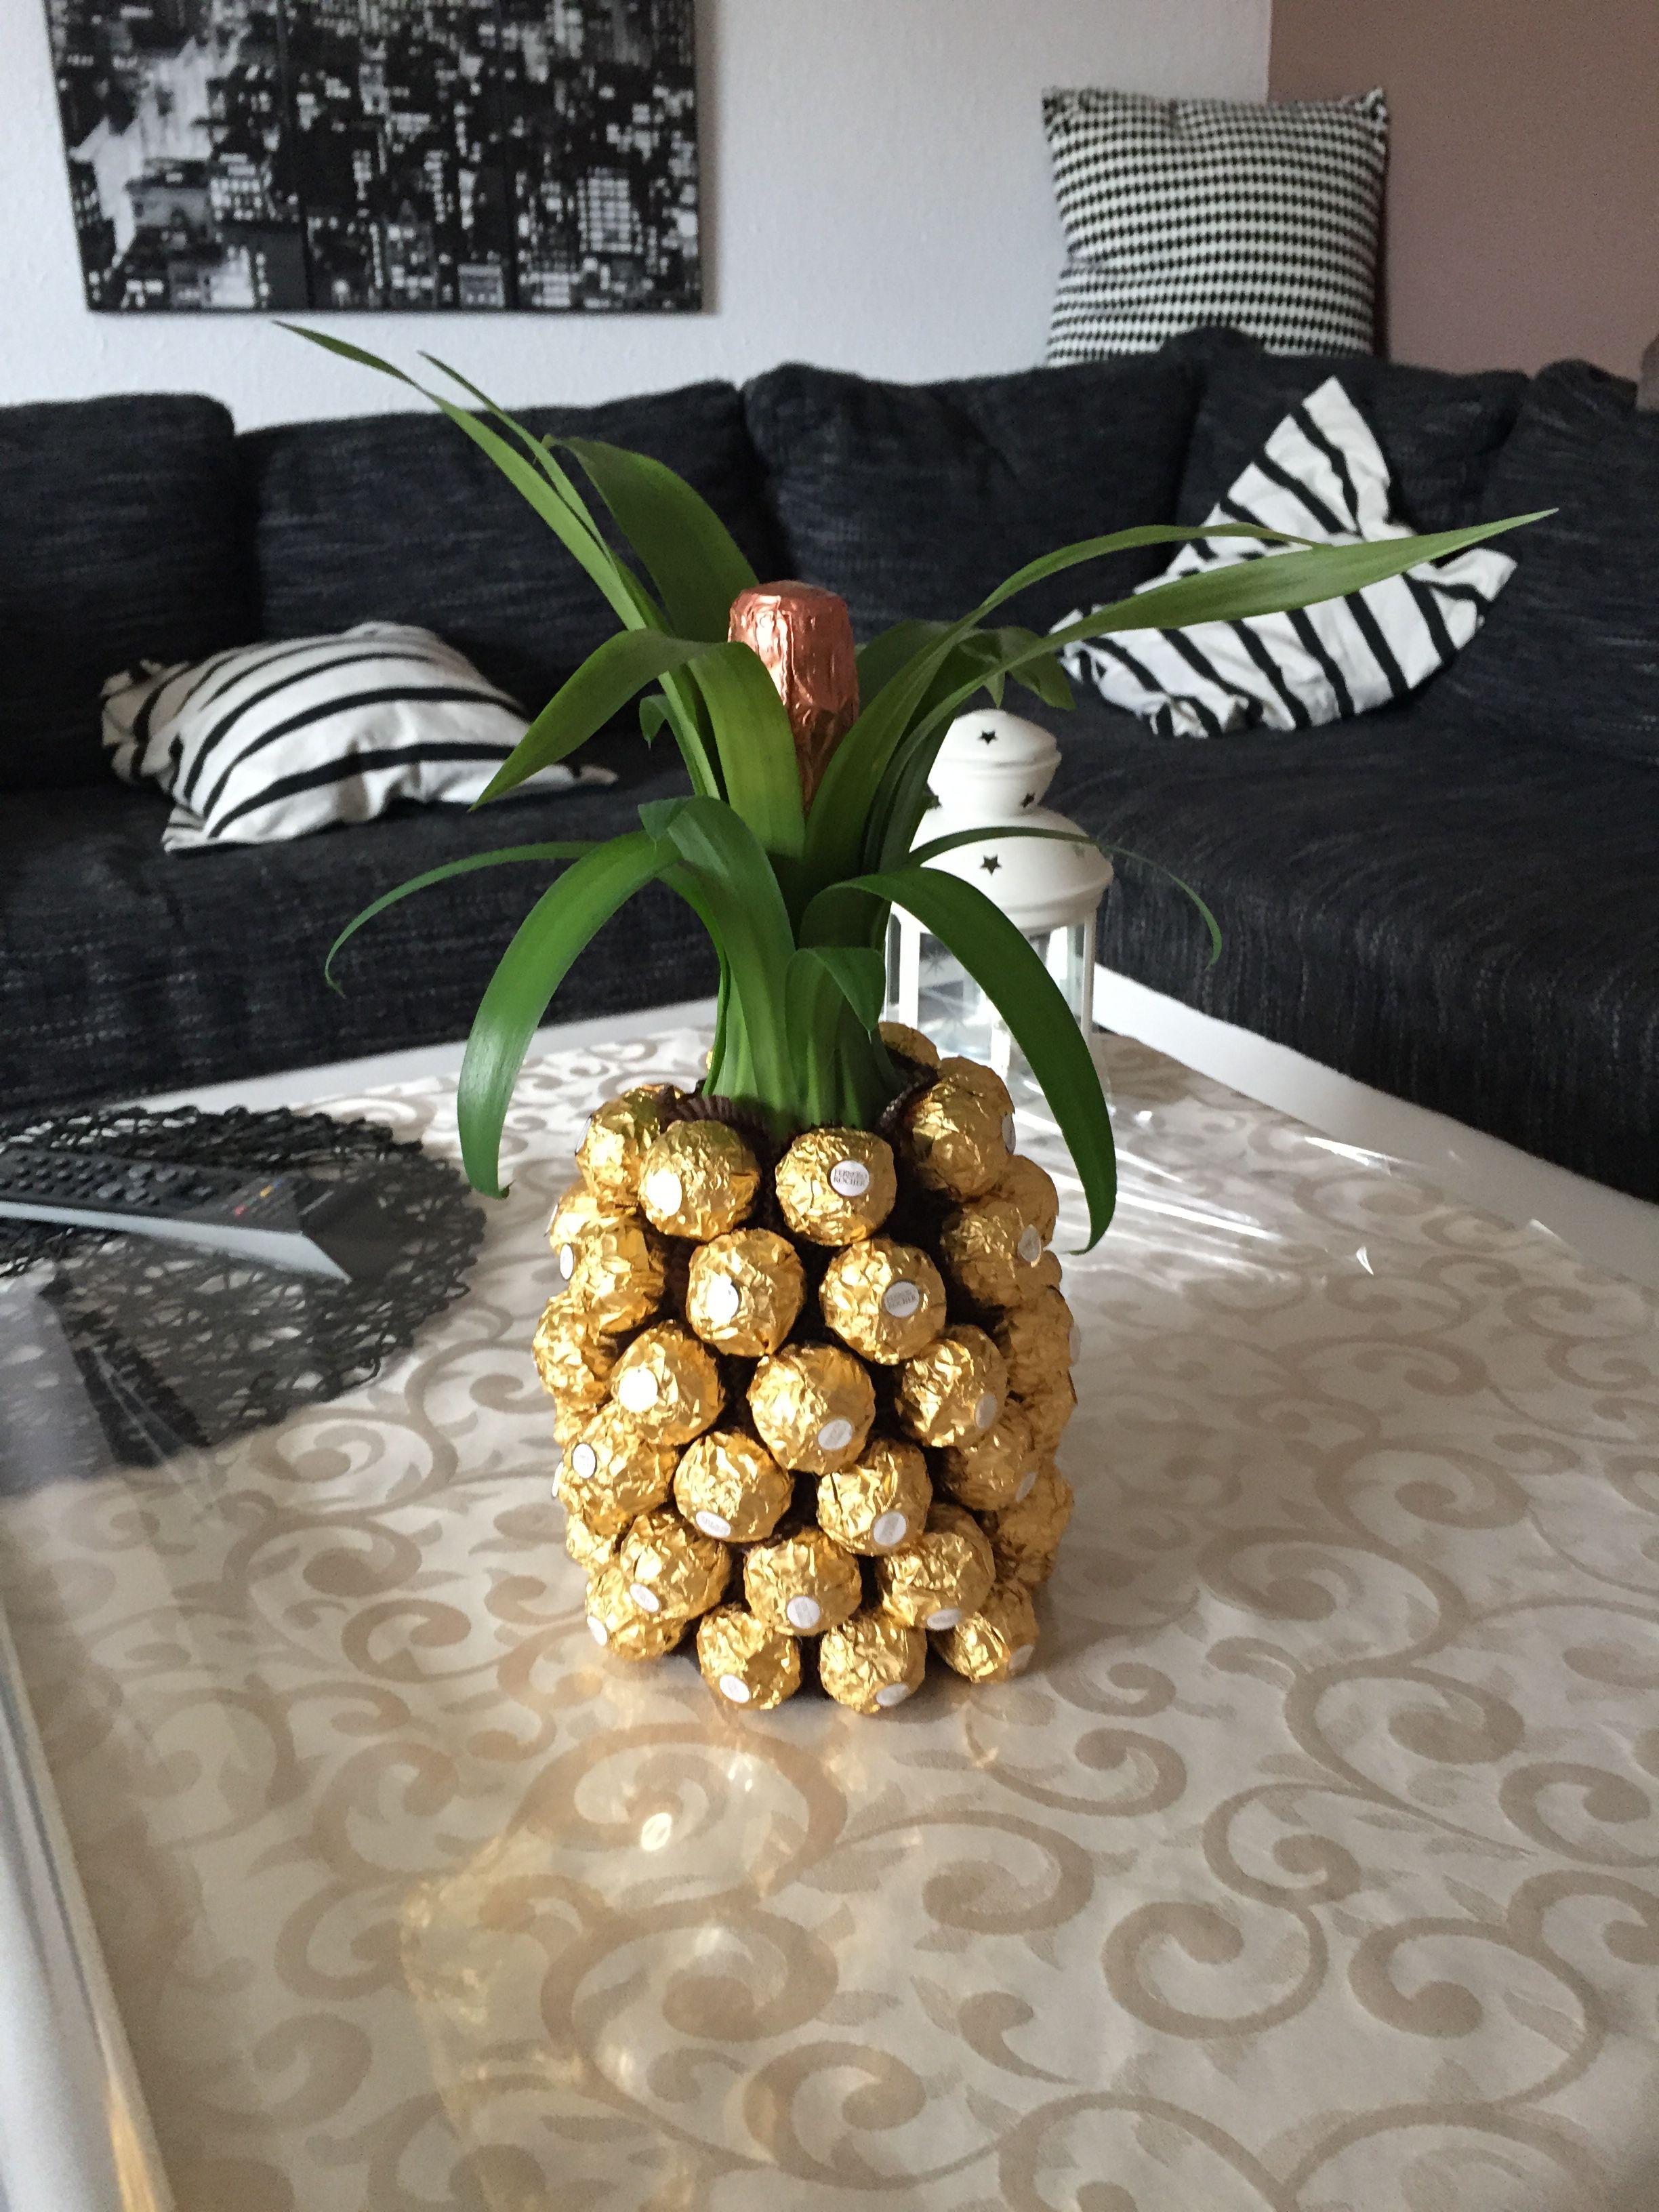 die besten 25 rocher ananas ideen auf pinterest geburtstagsgeschenk basteln geld originelle. Black Bedroom Furniture Sets. Home Design Ideas